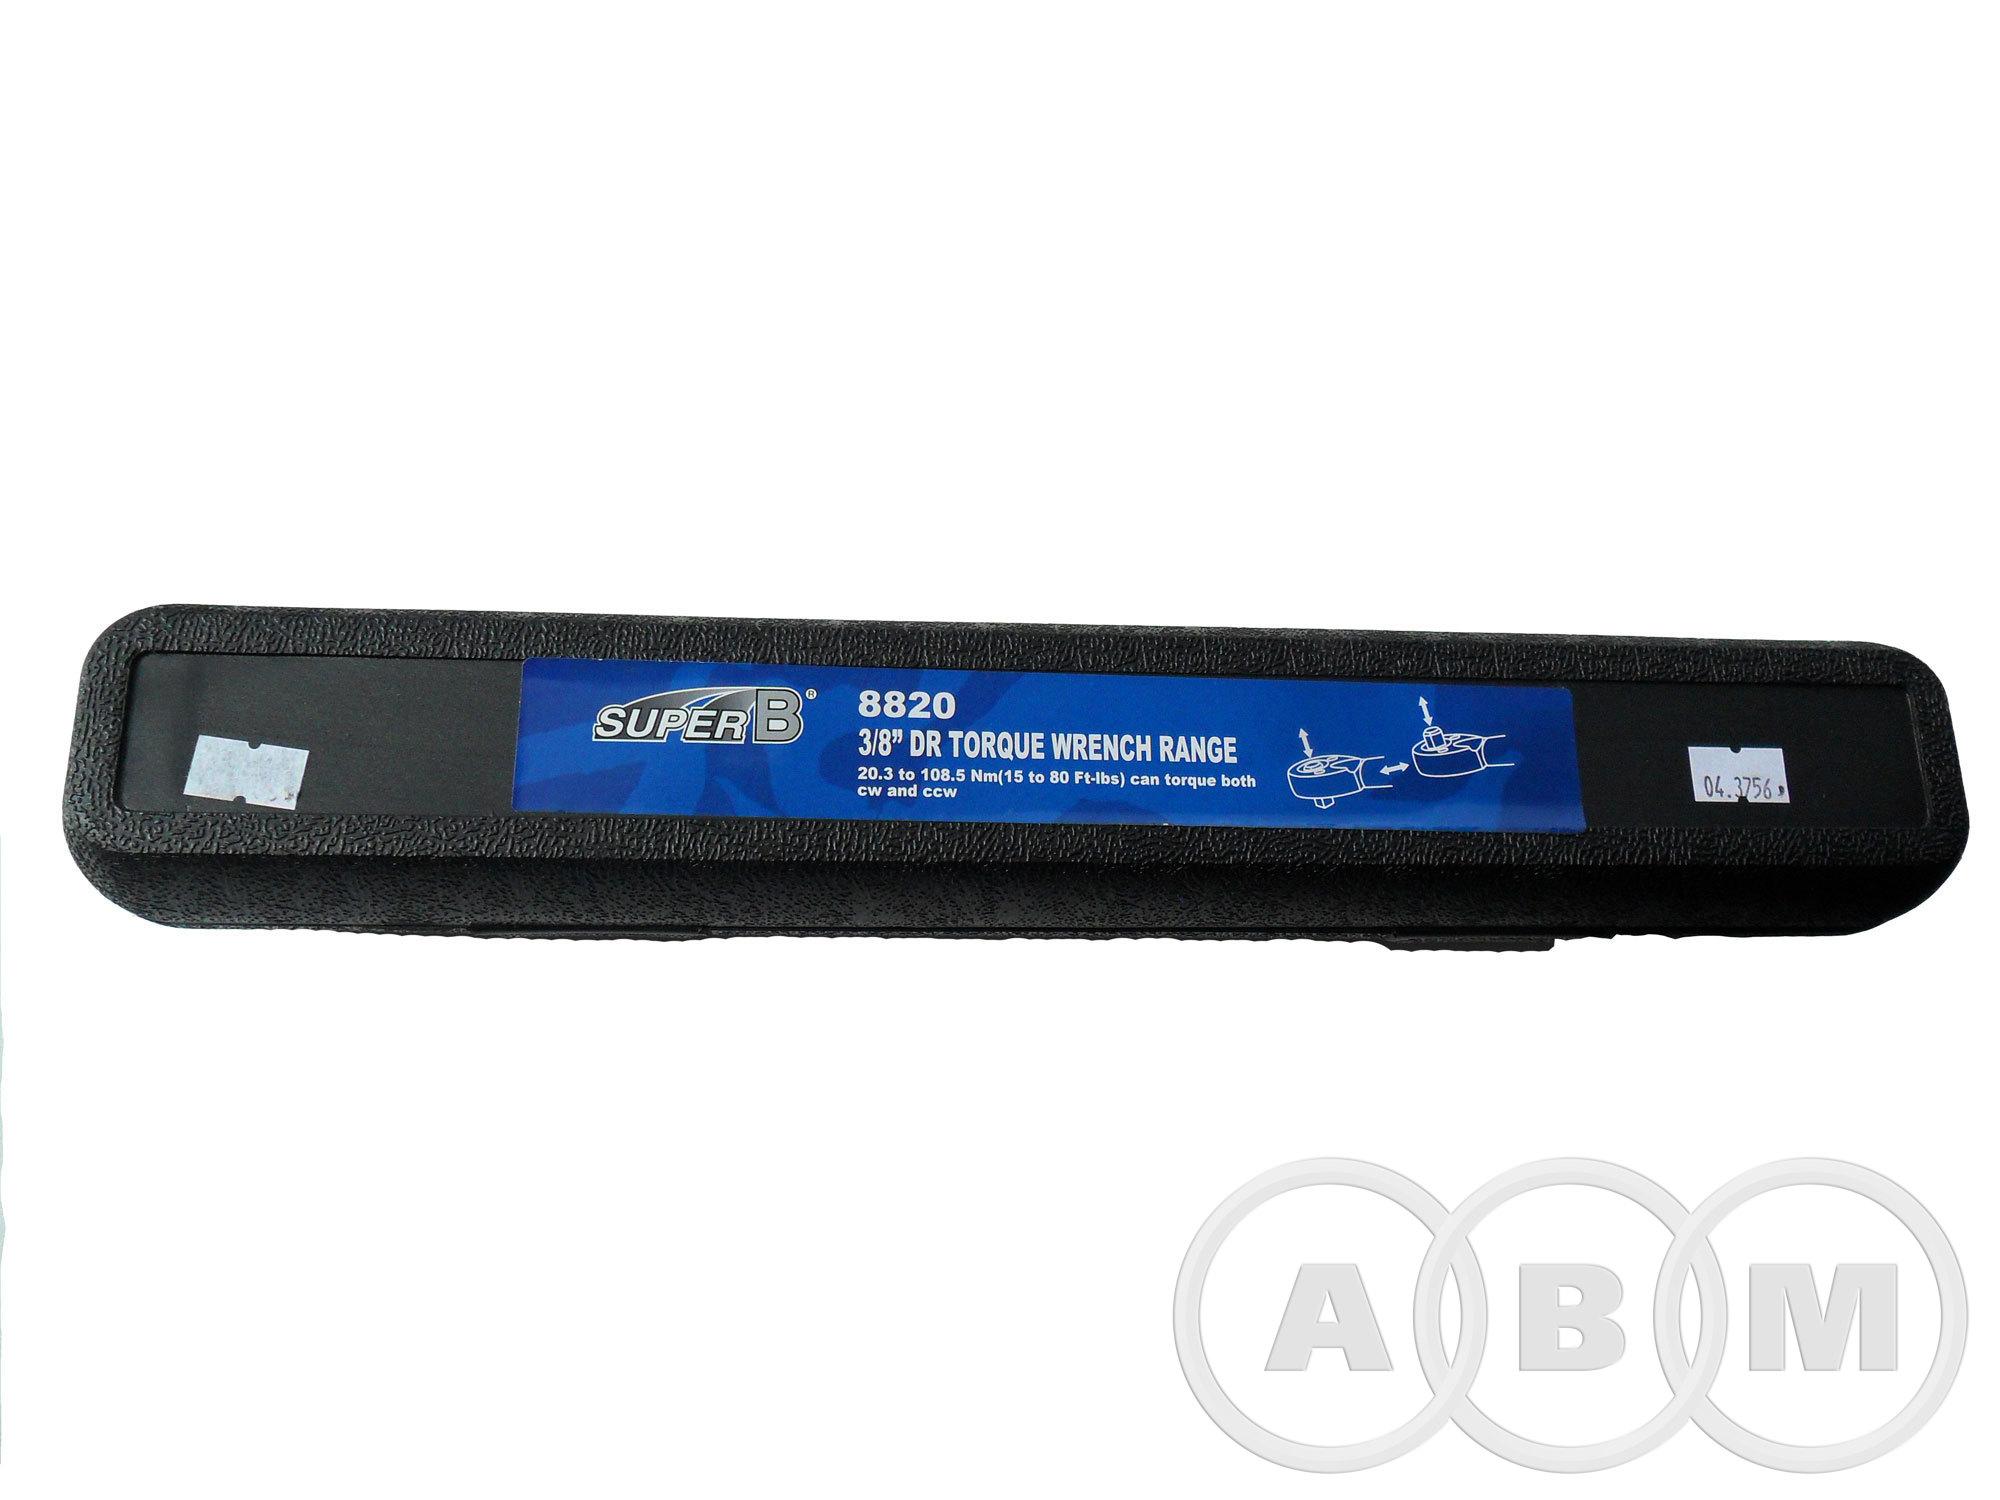 Ключ динамометрический 3/8 20.3-108.5 Nm SuperB 8820